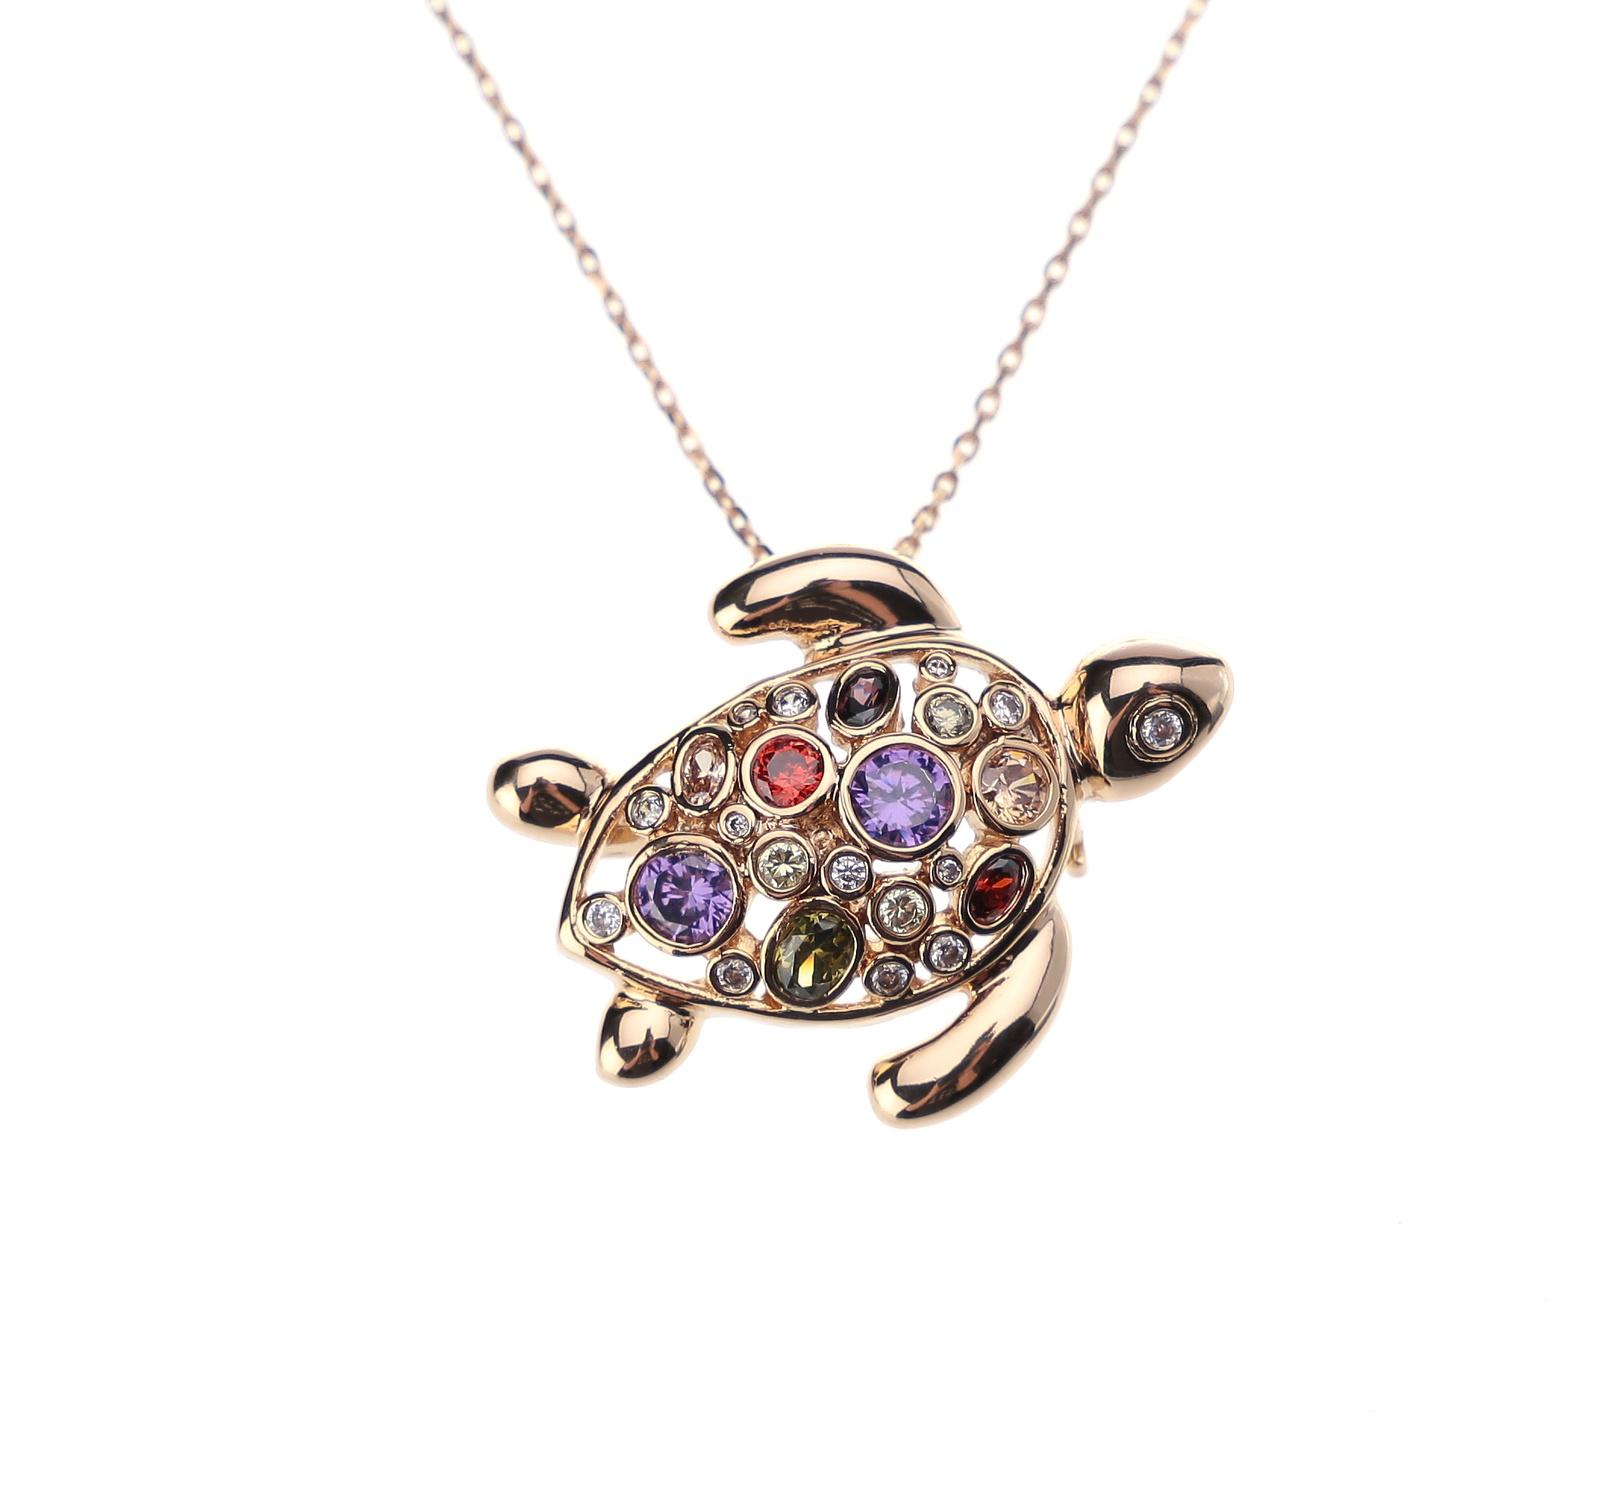 Колье/ожерелье бижутерное Fiore Luna 15A13NK021AV02 BR, Гипоаллергенный сплав, Муранское стекло, 40 см, 15A13NK021AV02 BR, белый, желтый, красный, фиолетовый